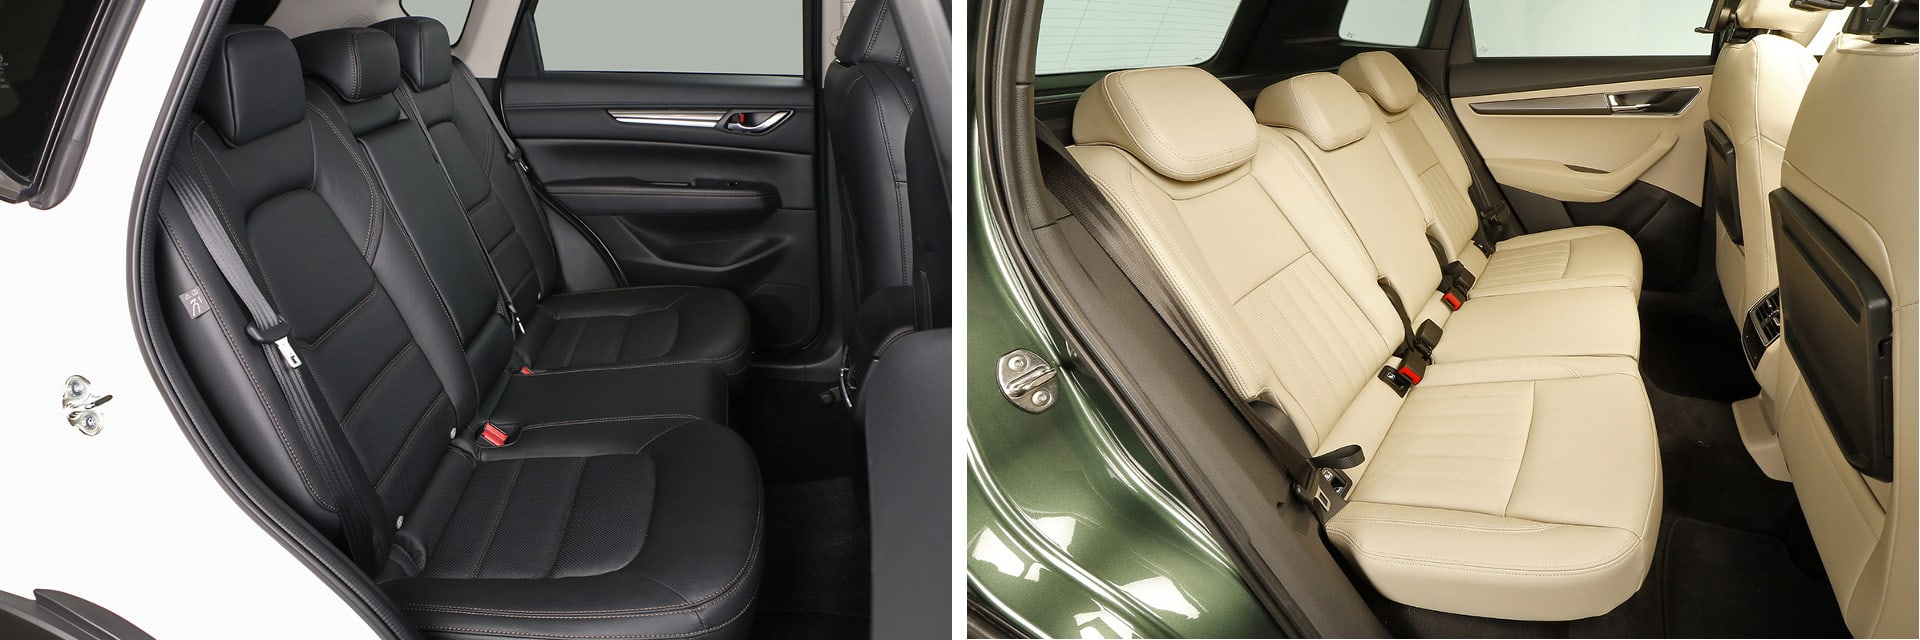 El respaldo de los asientos traseros del Mazda (izq.) pueden inclinarse para dar mayor comodidad. En el Karoq (dcha.) esto es opcional.